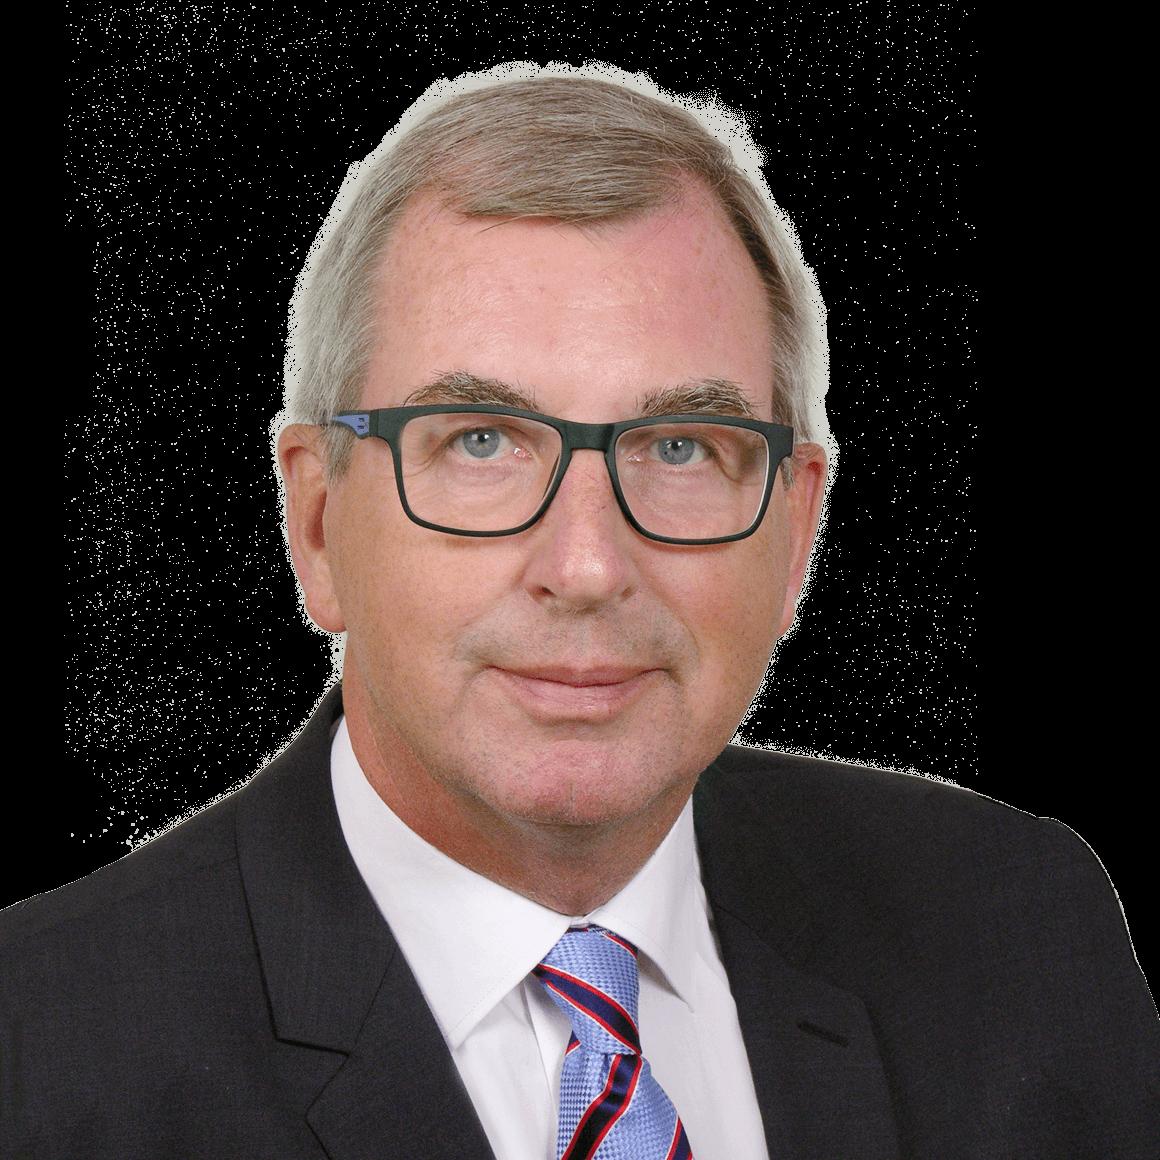 Dr. Rolf Cramer